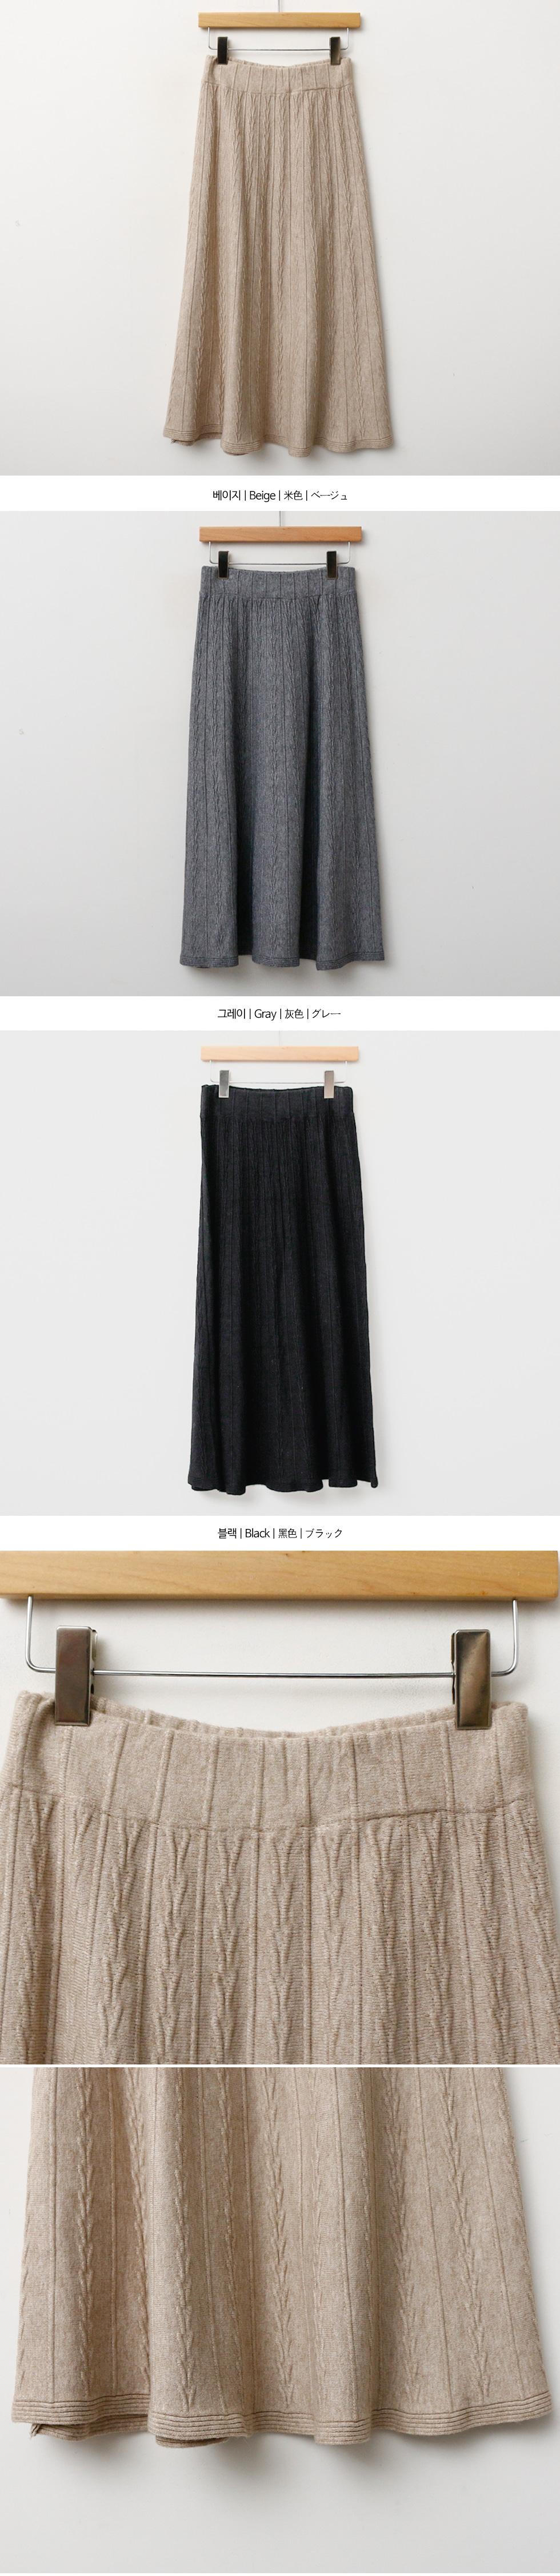 Wet Flare Skirt